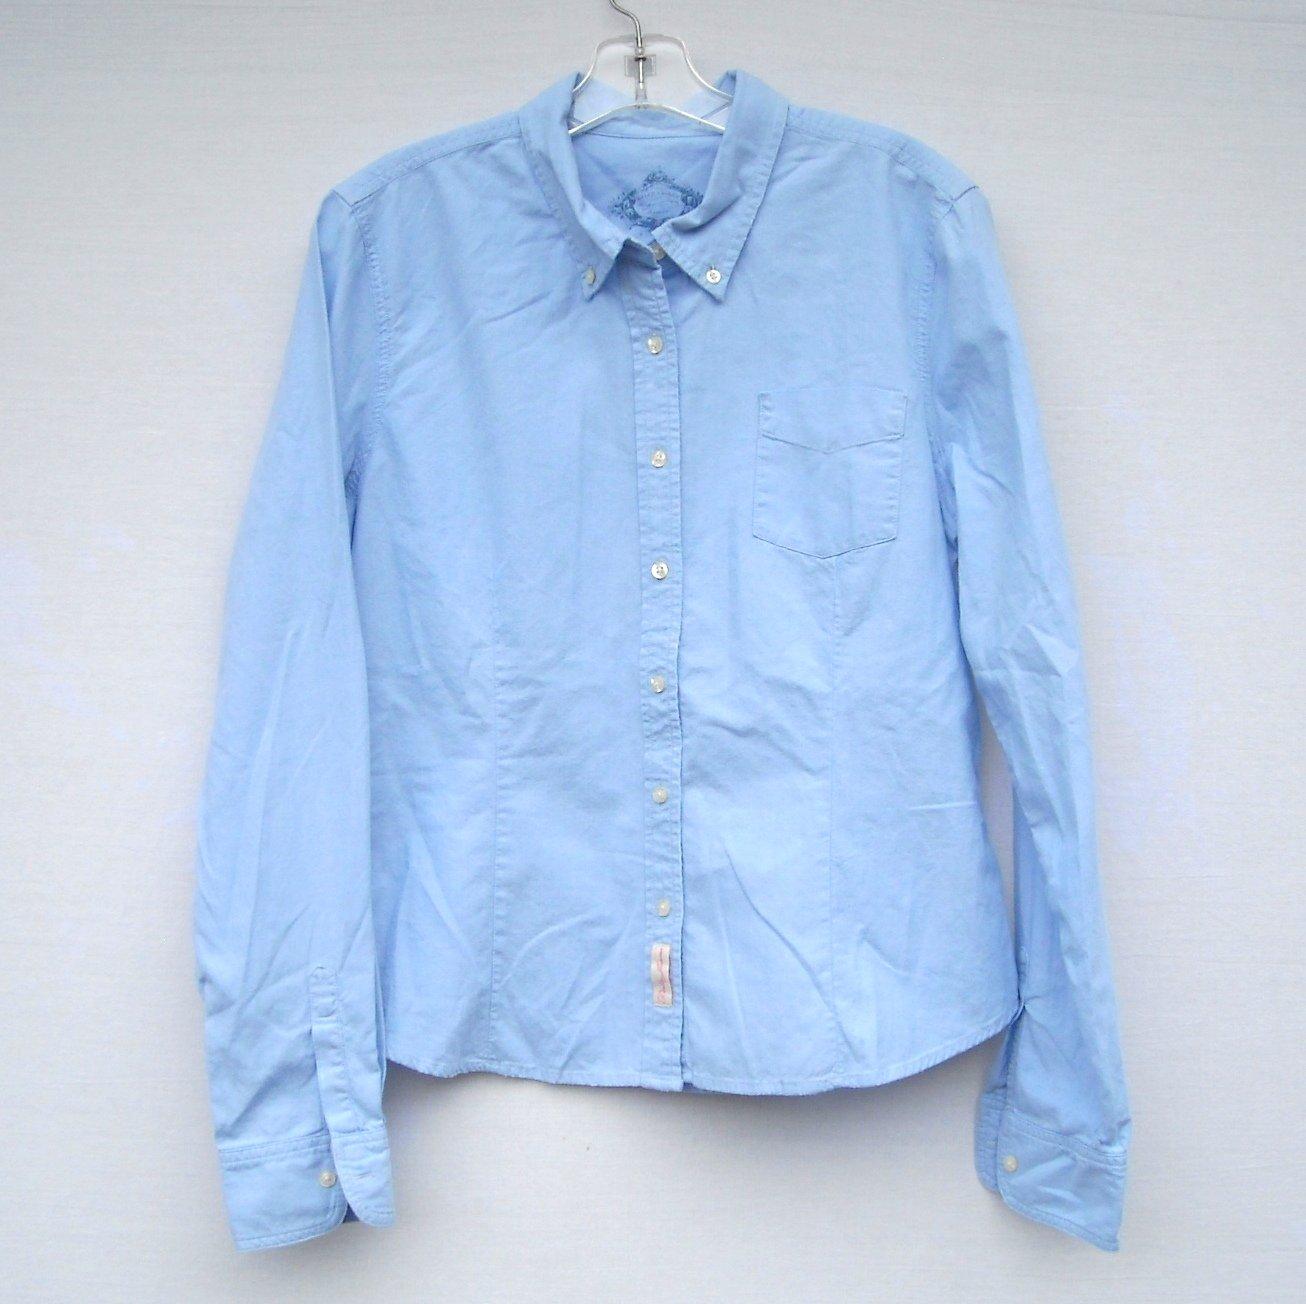 Ralph Lauren Button Up Long Sleeve Blue Shirt Blouse Top Size XL